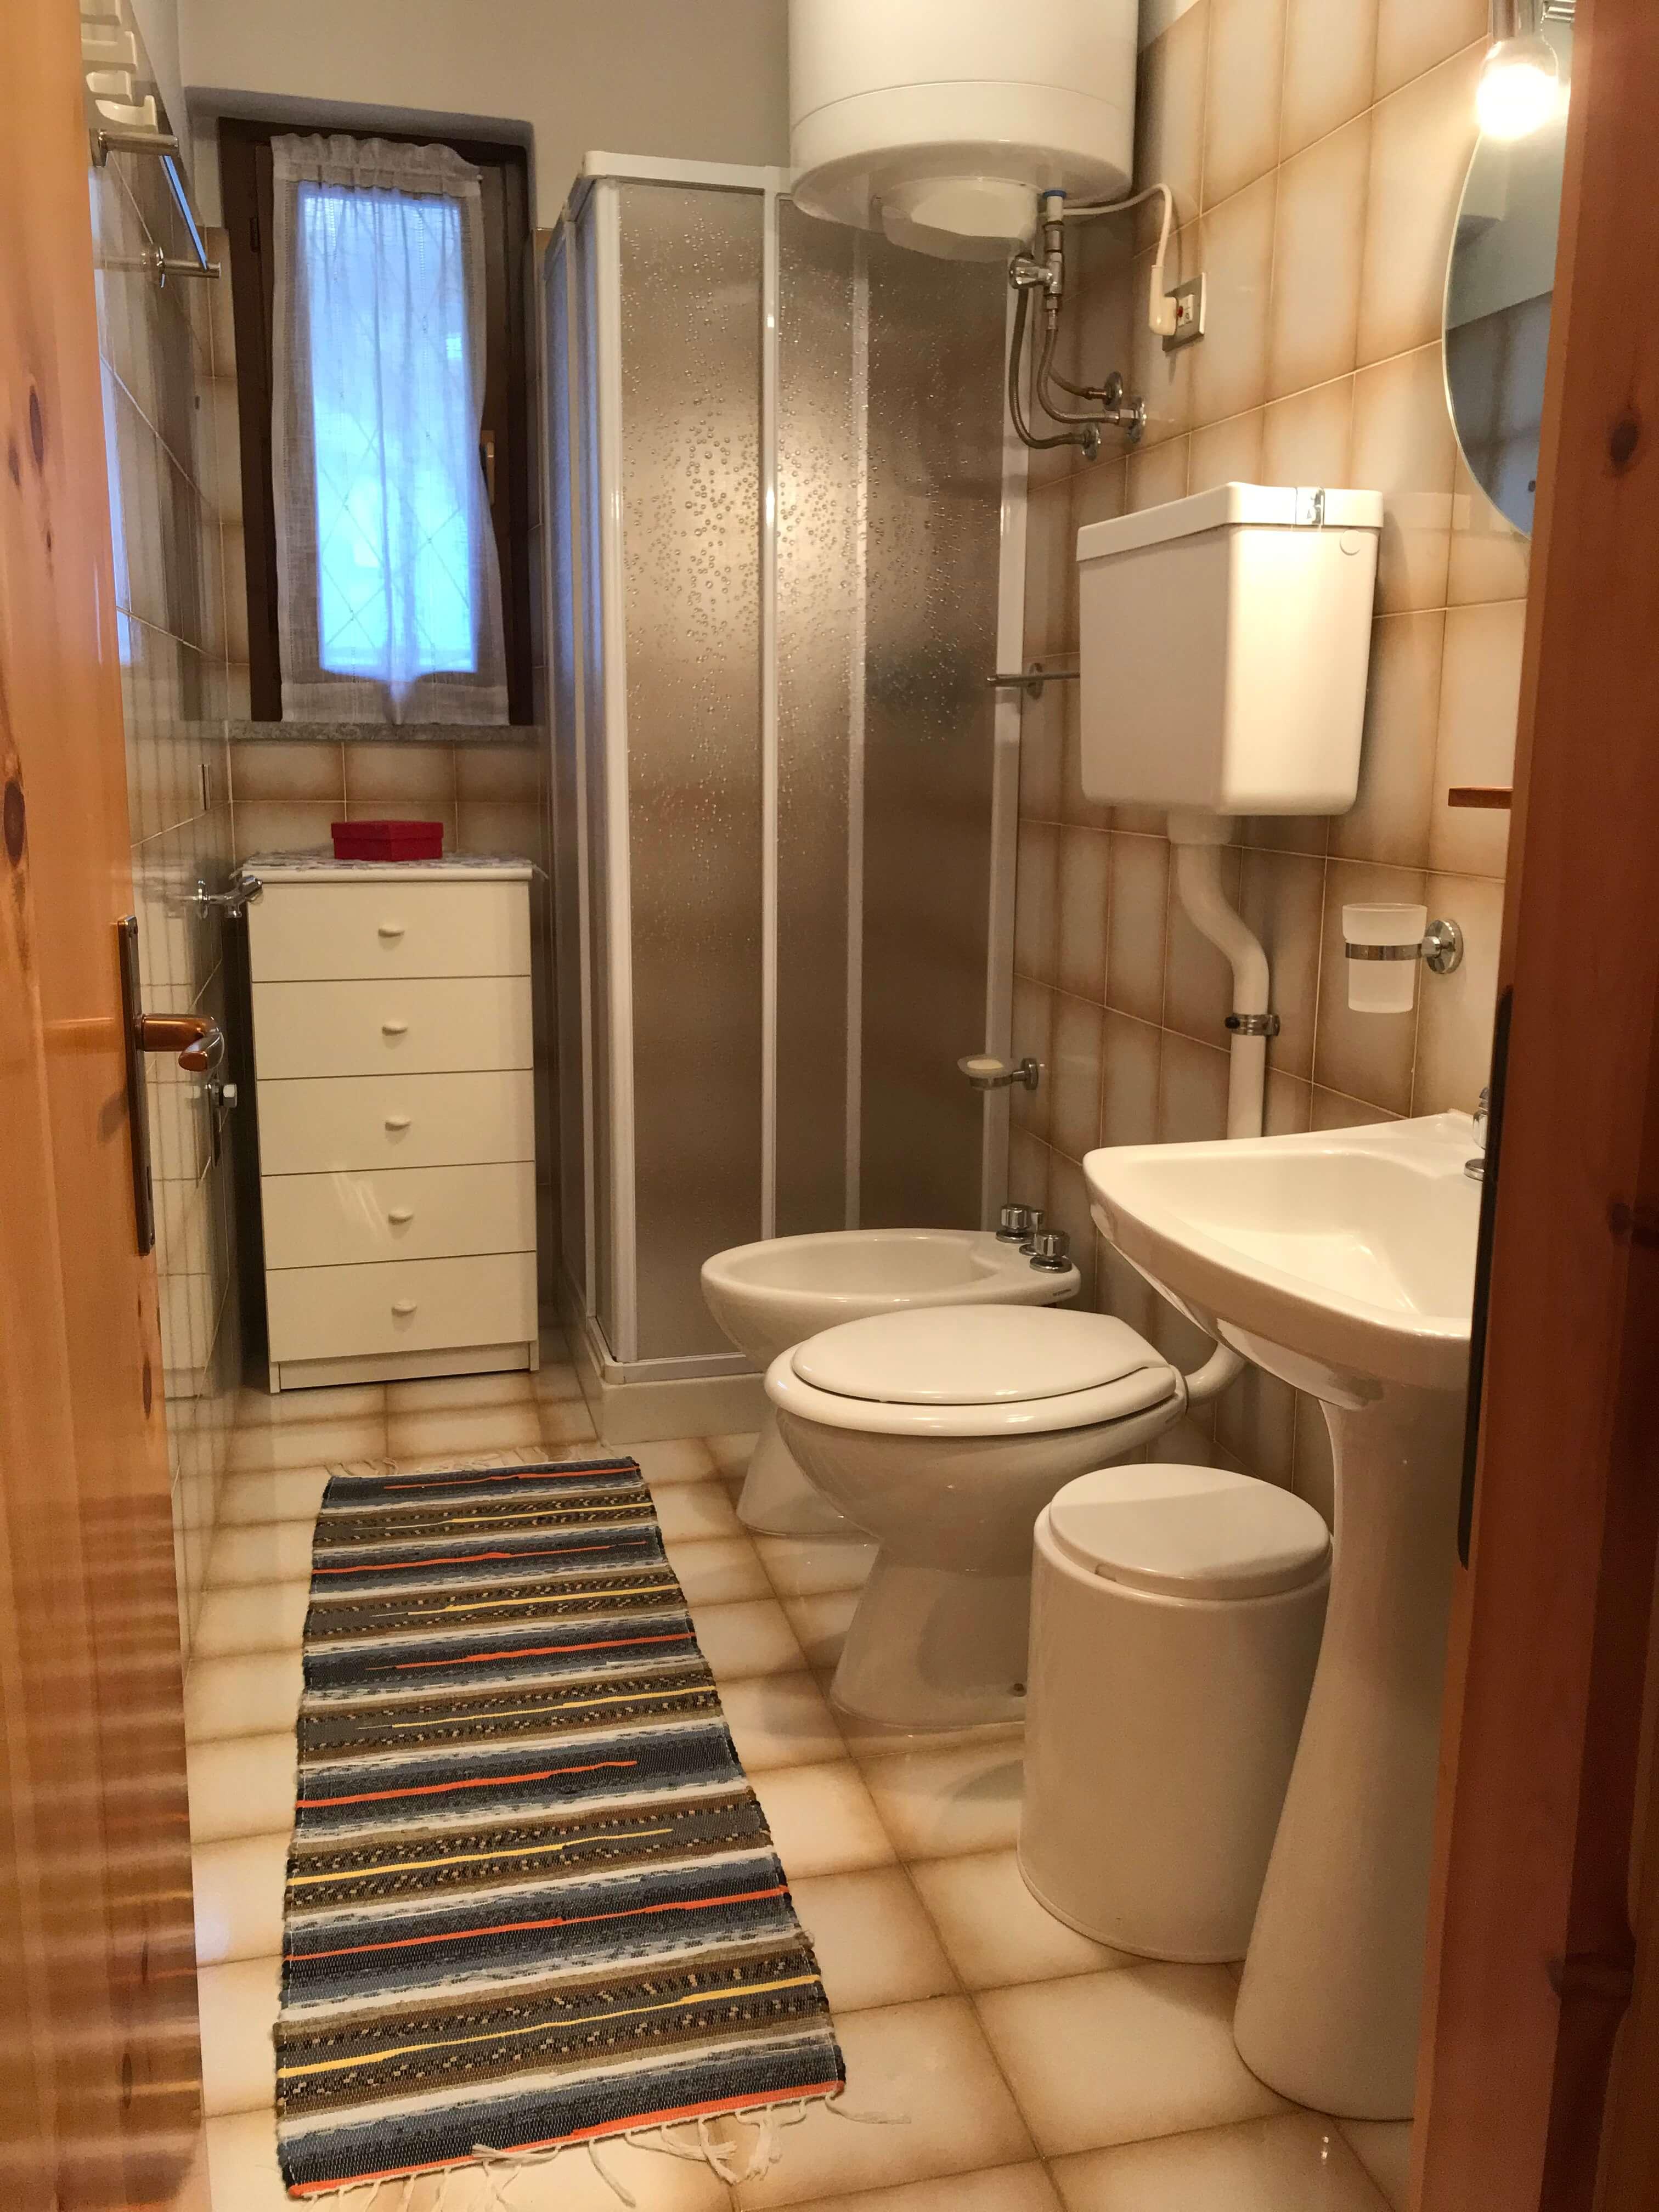 Immobiliare Abita condominio Capitel - Isolaccia monolocale in vendita servizio